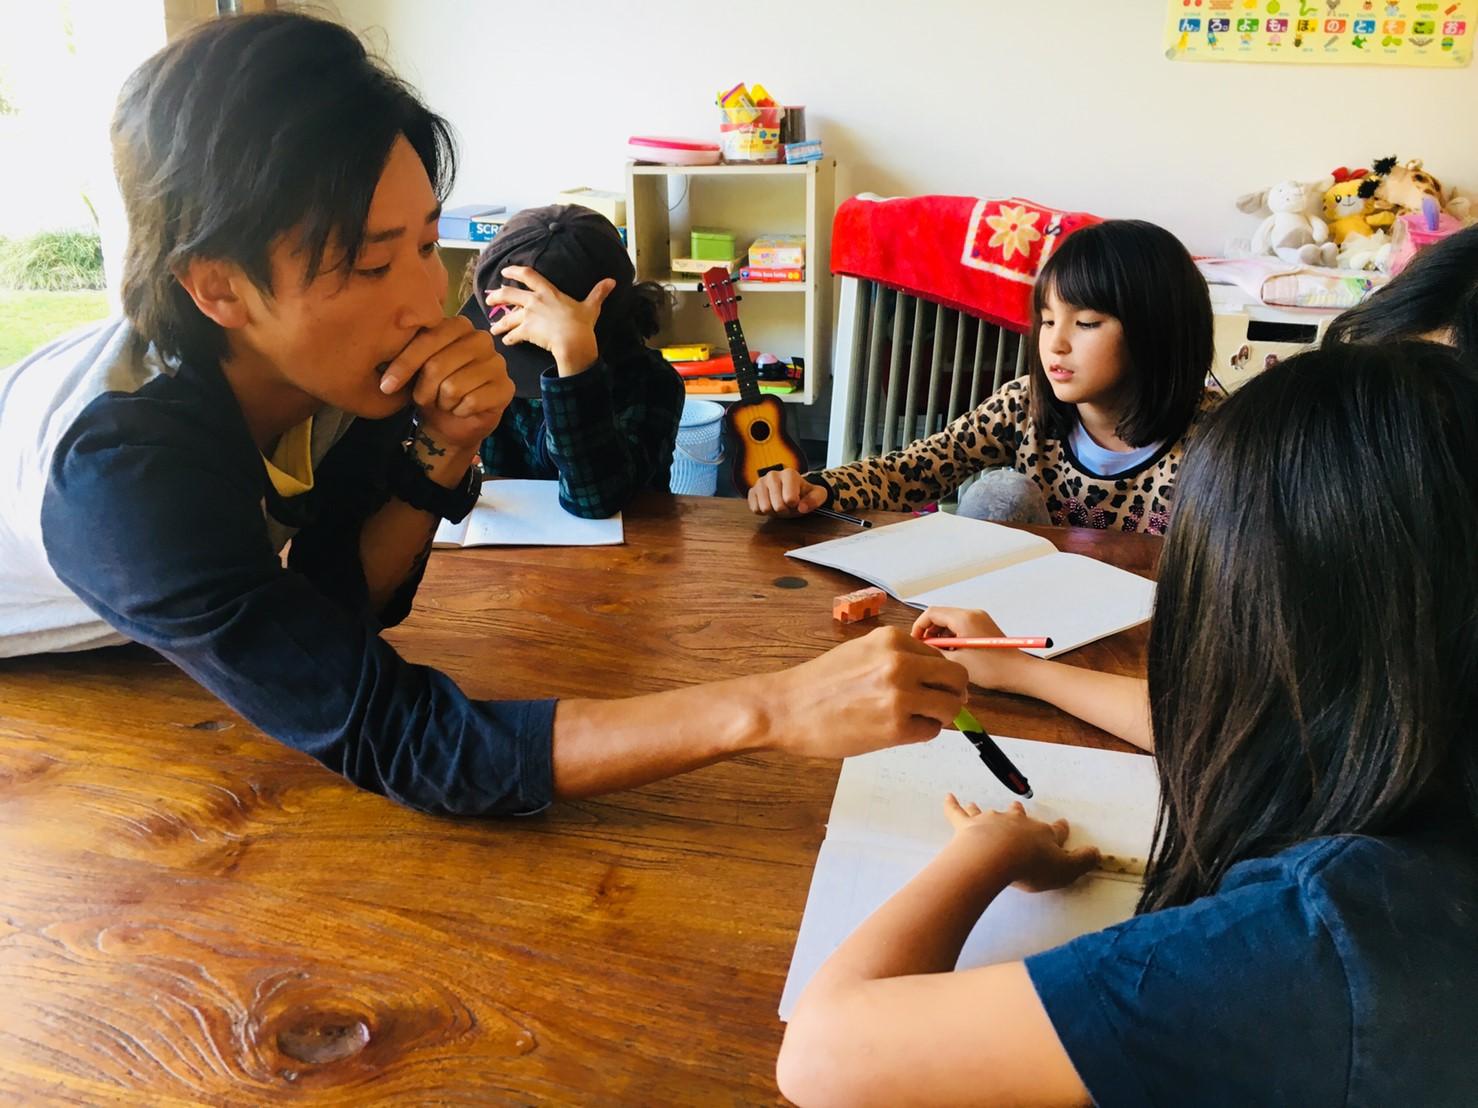 海外インターン留学で実践力・指導力のある保育士を育成~Y&K Narita International school 代表 伊藤健太氏インタビュー